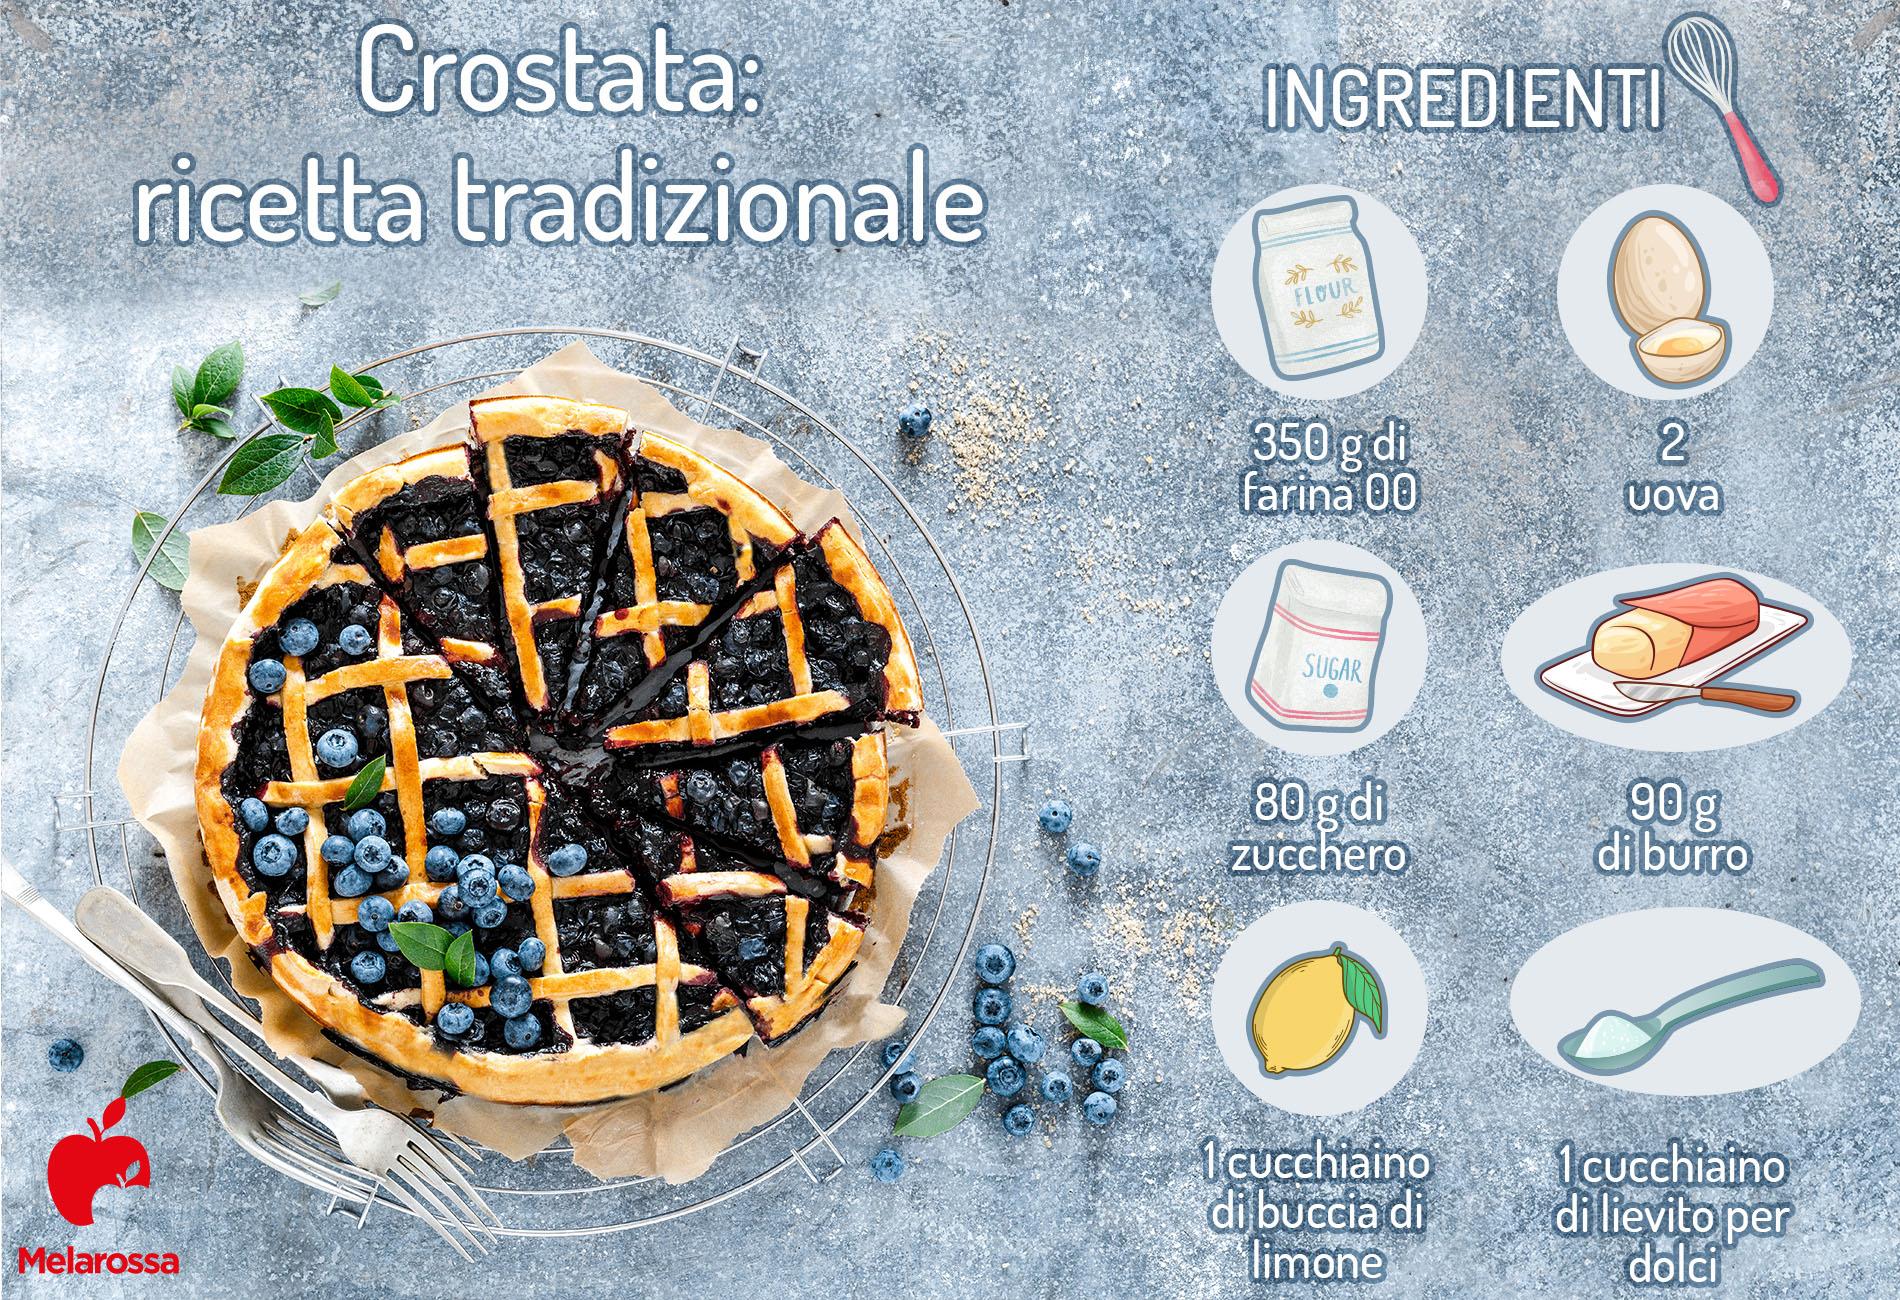 crostata: ricetta tradizionale